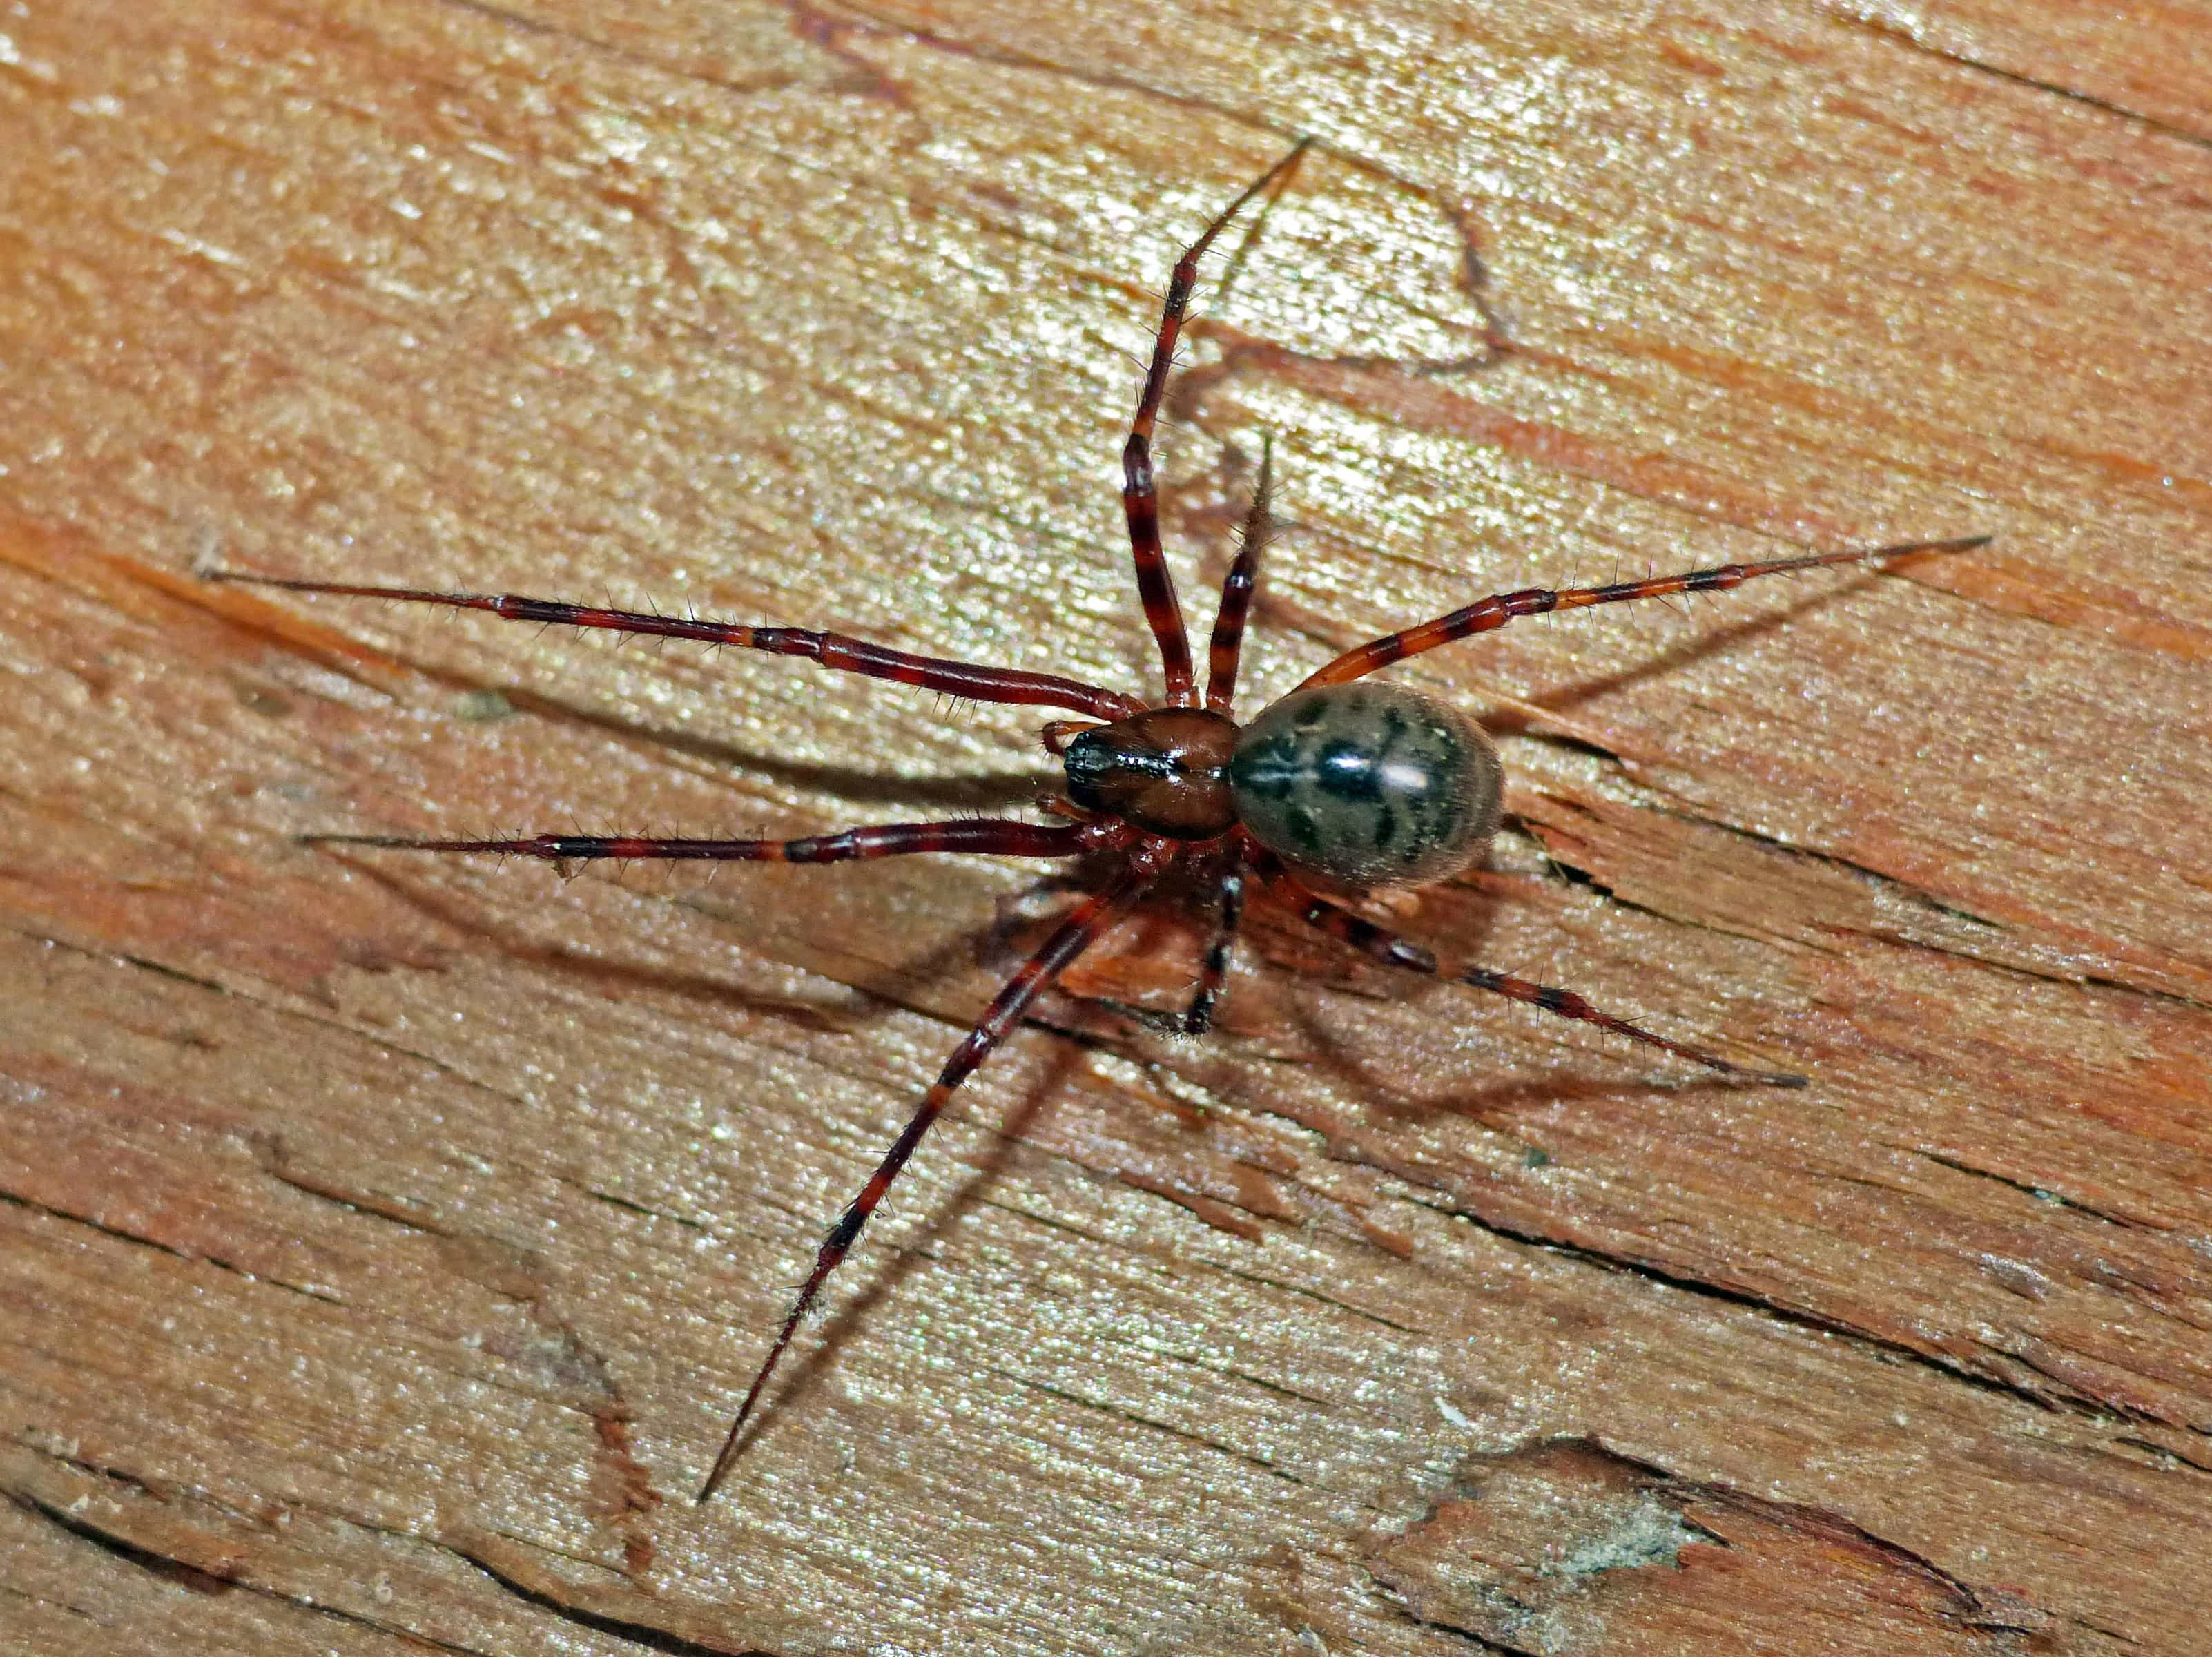 Picture of Pimoa altioculata - Female - Dorsal